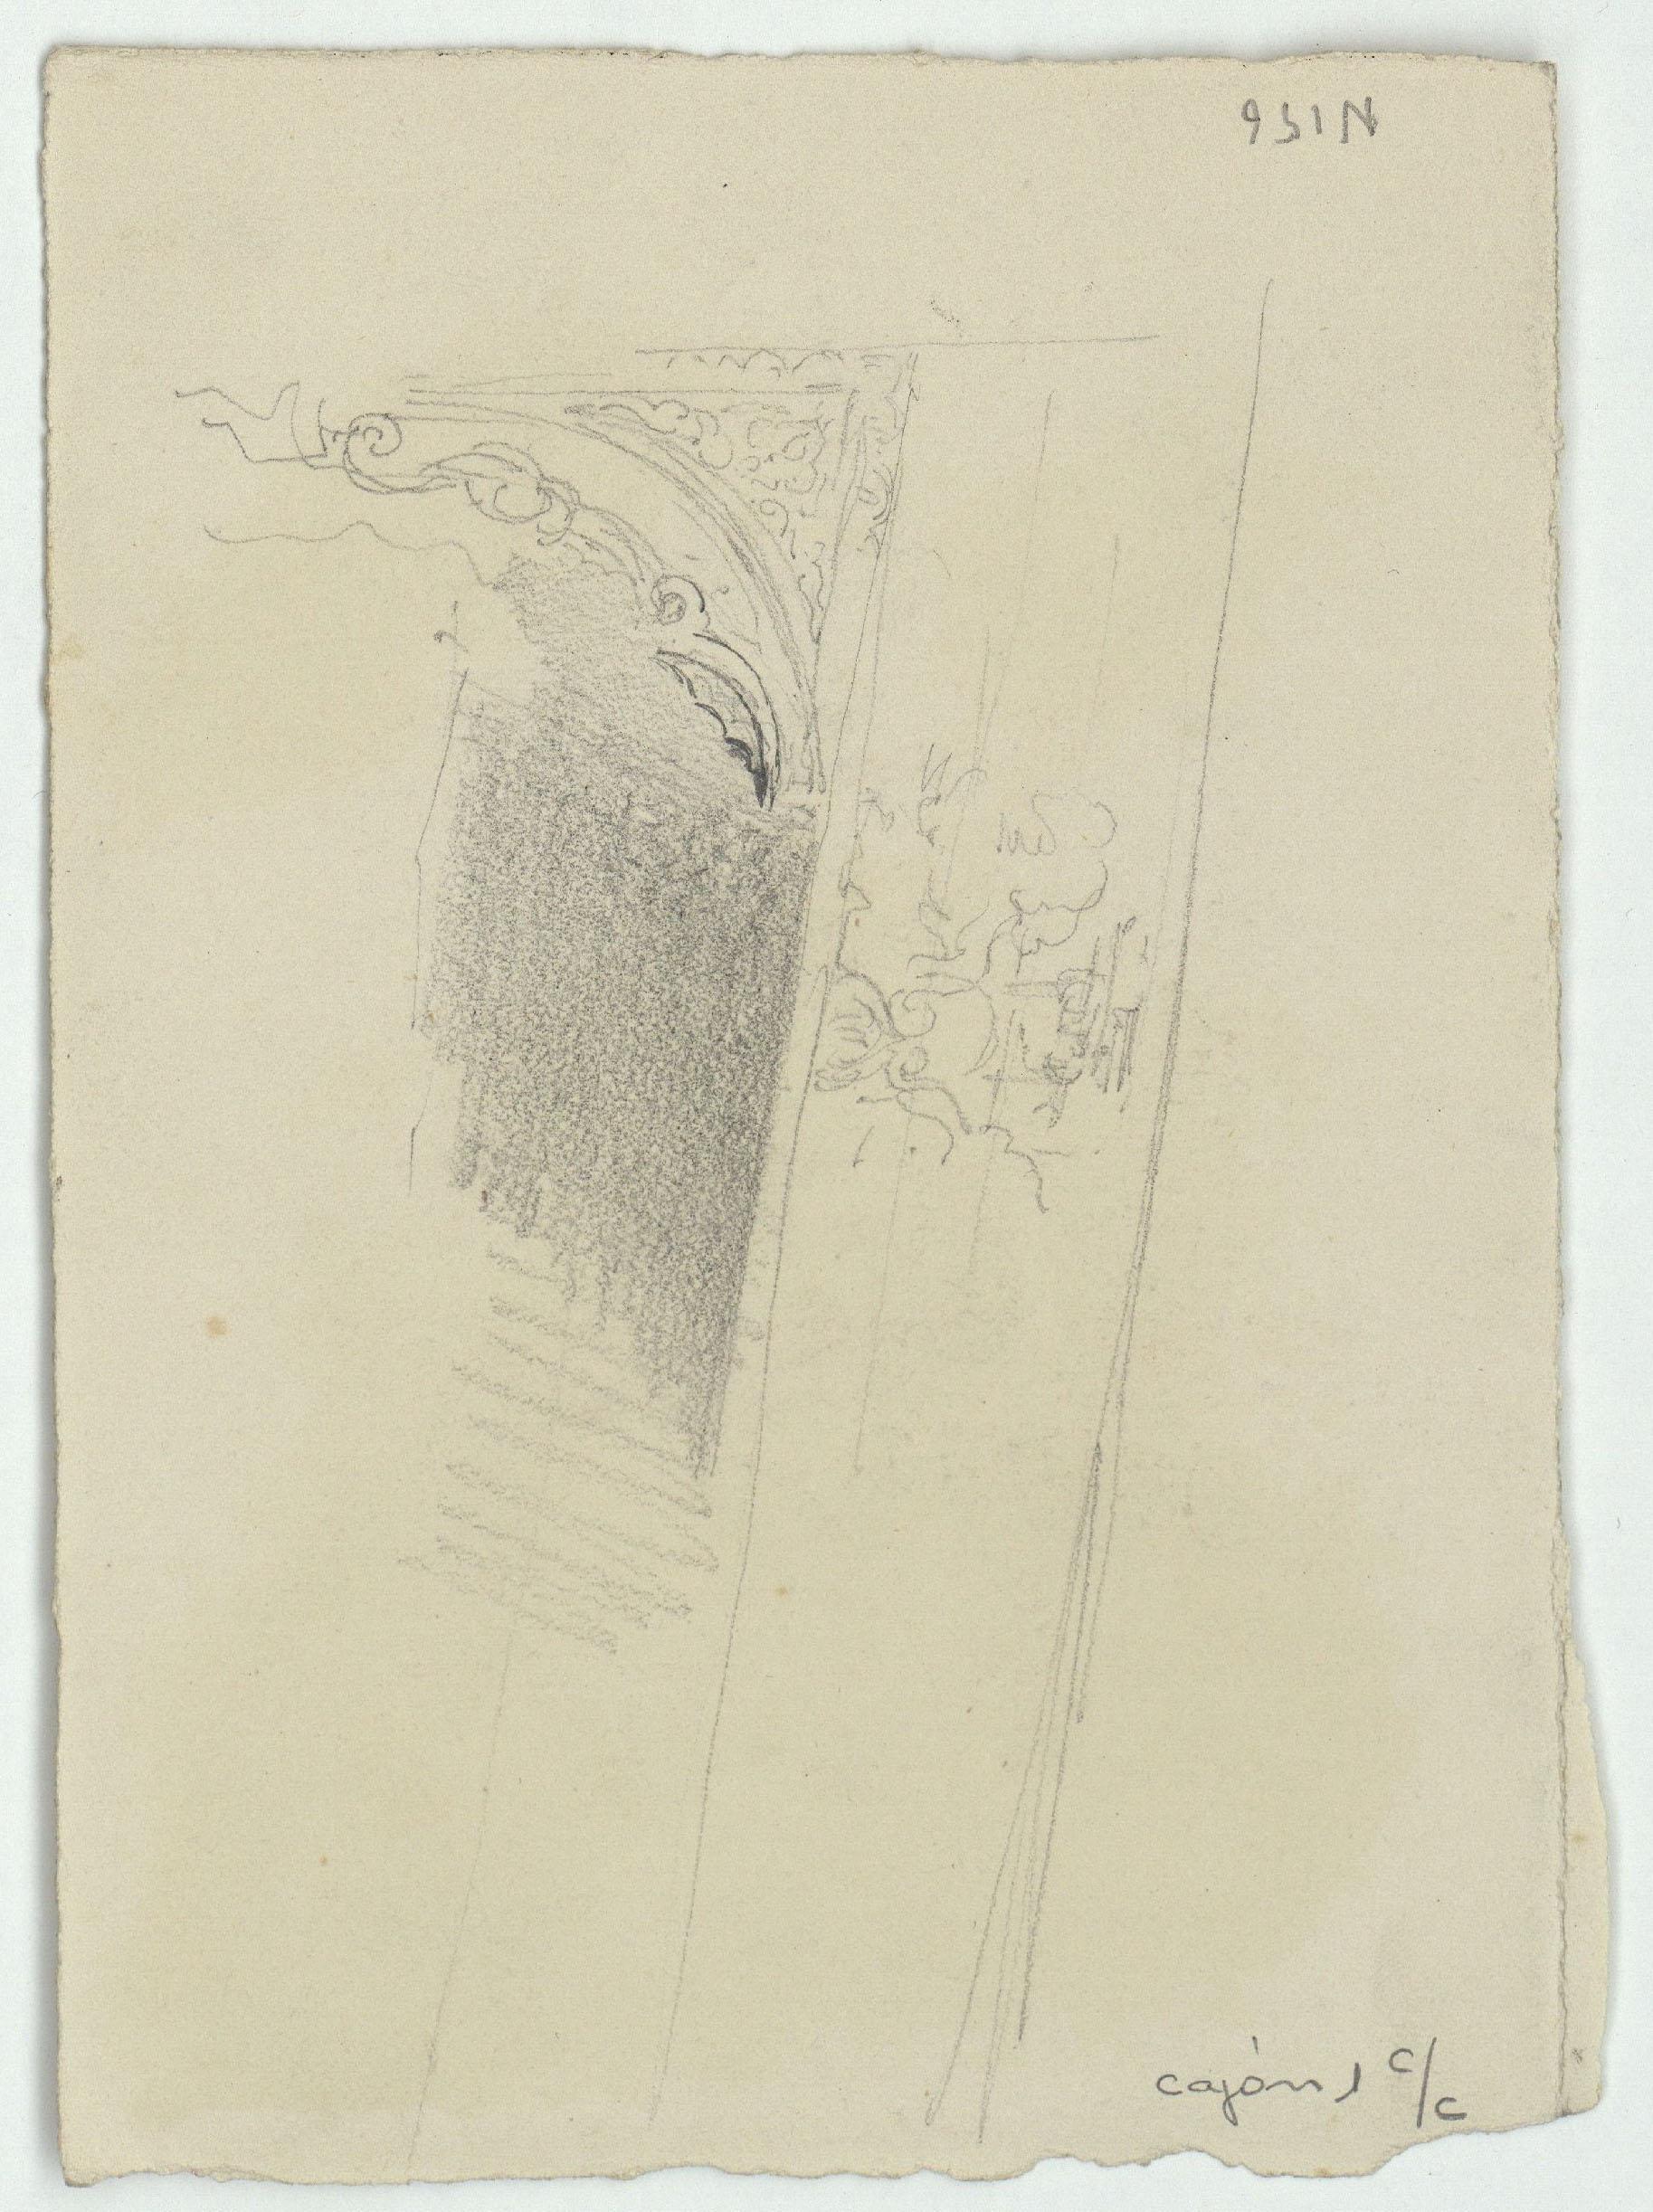 Marià Fortuny - Croquis d'enteixinat d'estil musulmà. Saló dels Abenserraigs de l'Alhambra (anvers) / Motiu arquitectònic d'estil musulmà (revers) - Cap a 1870-1872 [1]